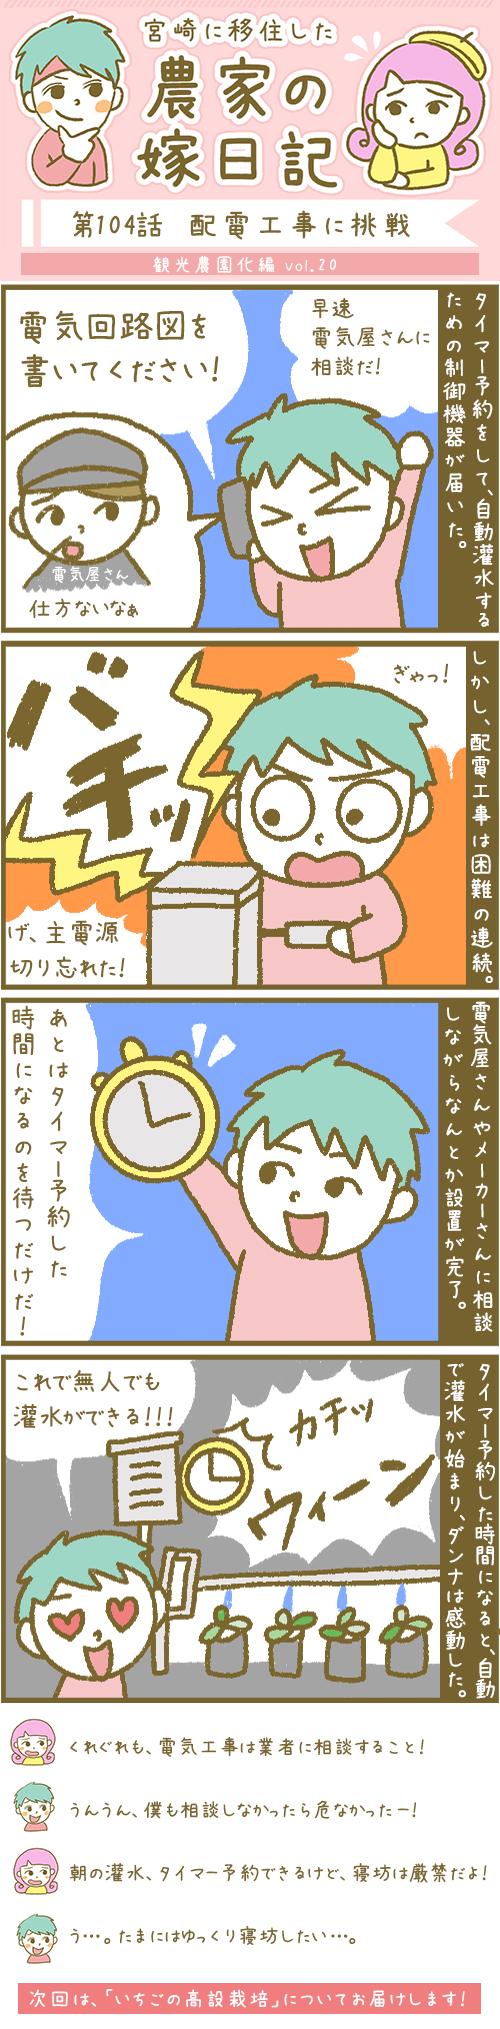 漫画第104話